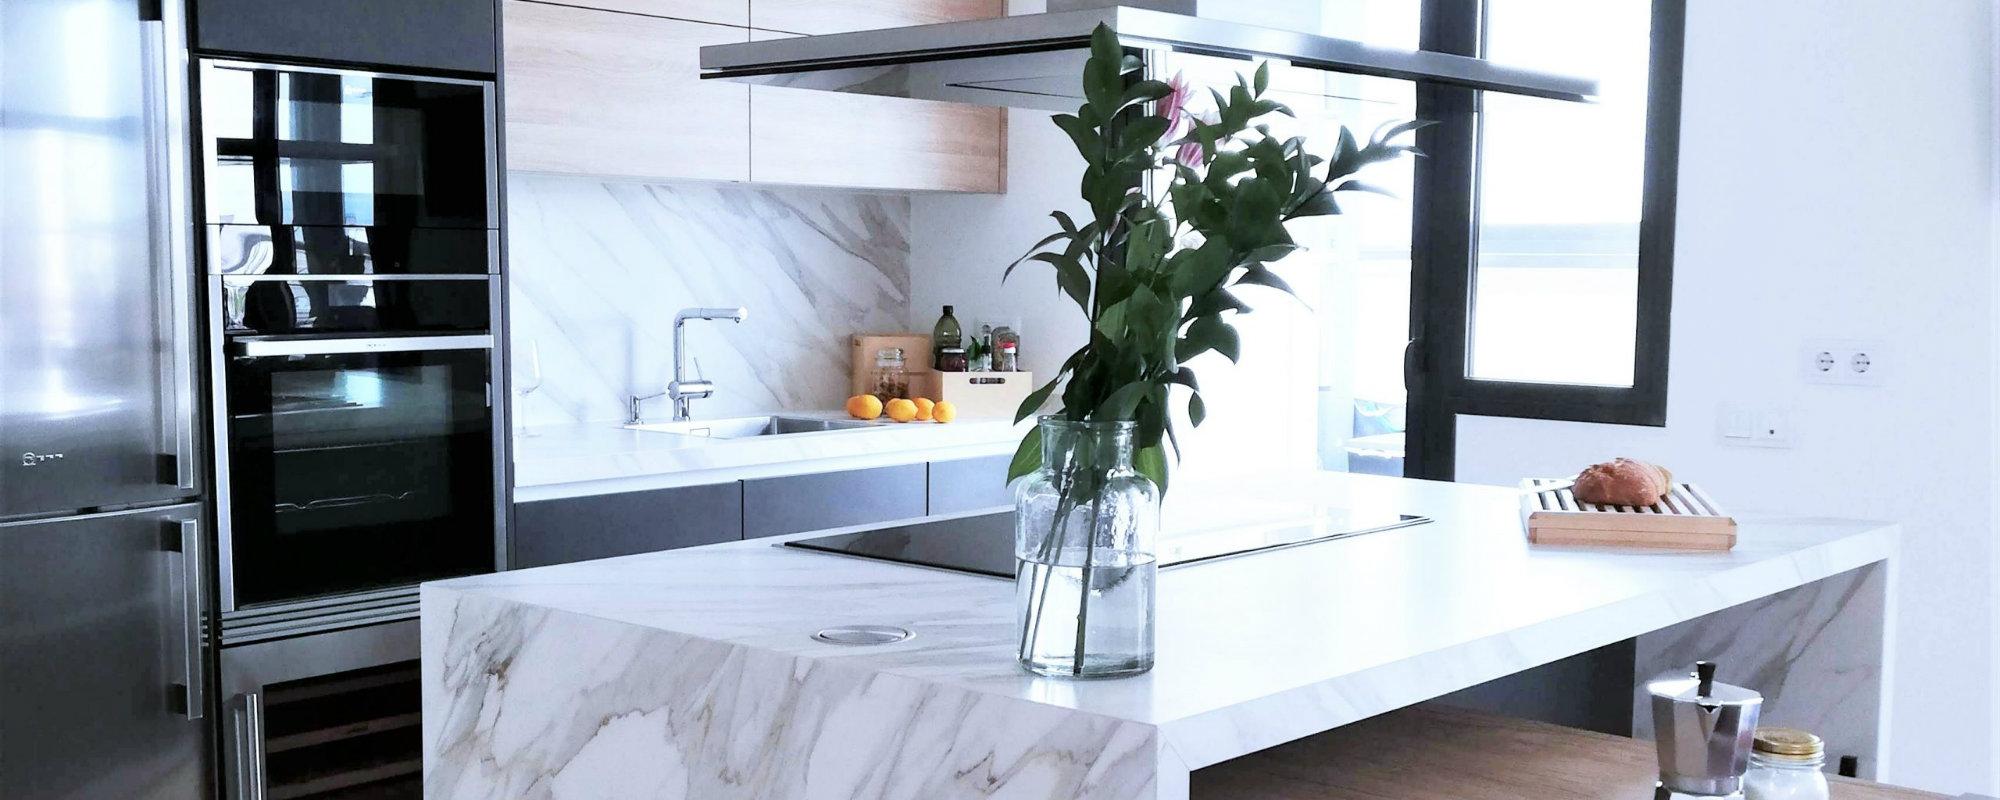 Estudio Interiorismo: DEVES|A|GENJO crea proyectos lujuosos y elegante estudio interiorismo Estudio Interiorismo: DEVES|A|GENJO crea proyectos lujuosos y elegantes Featured 14